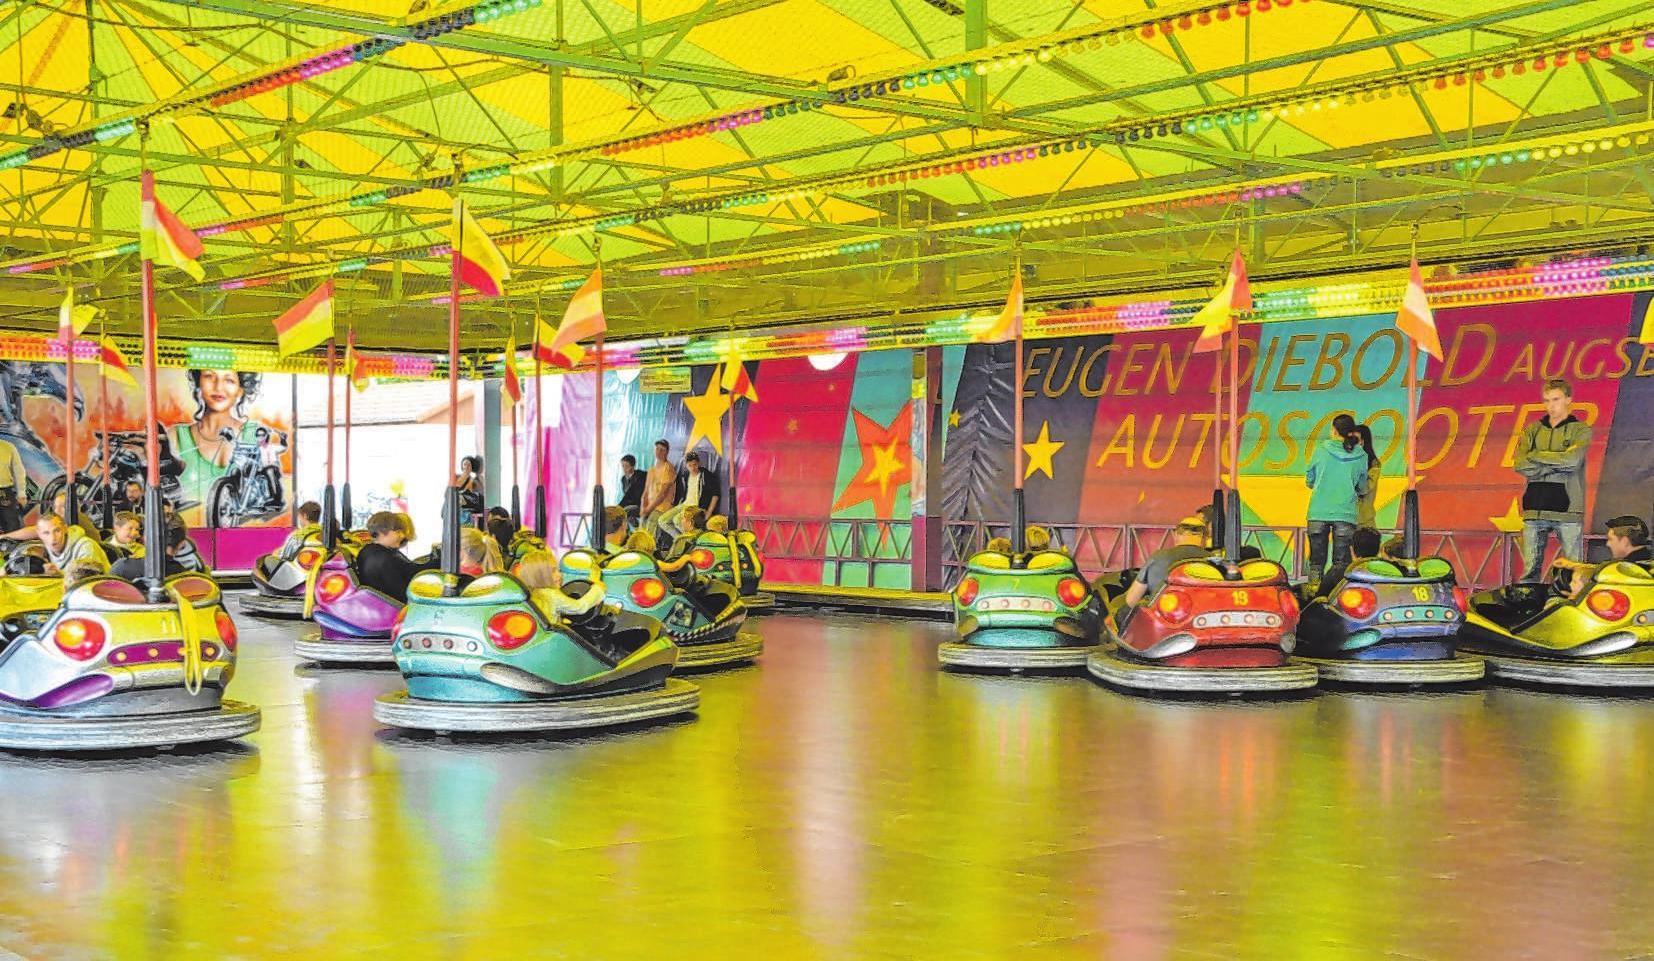 Für Jung und Alt versprechen die Fahrgeschäfte reichlich Spaß ; da kommt garantiert keine Langeweile auf.